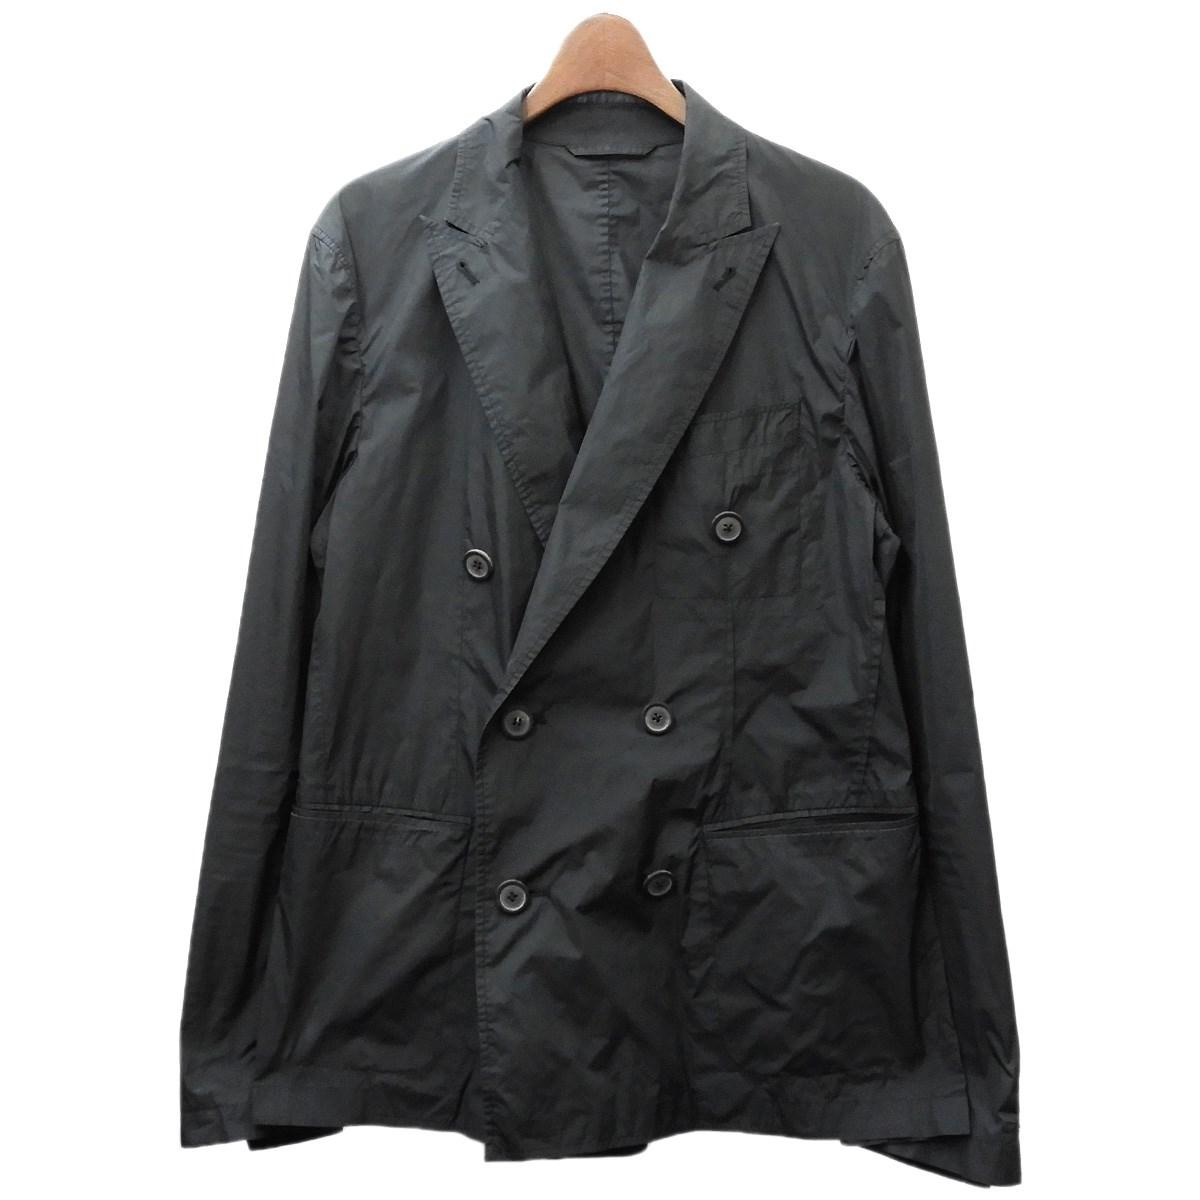 【中古】LANVIN ナイロンジャケット ブラック サイズ:44 【150220】(ランバン)